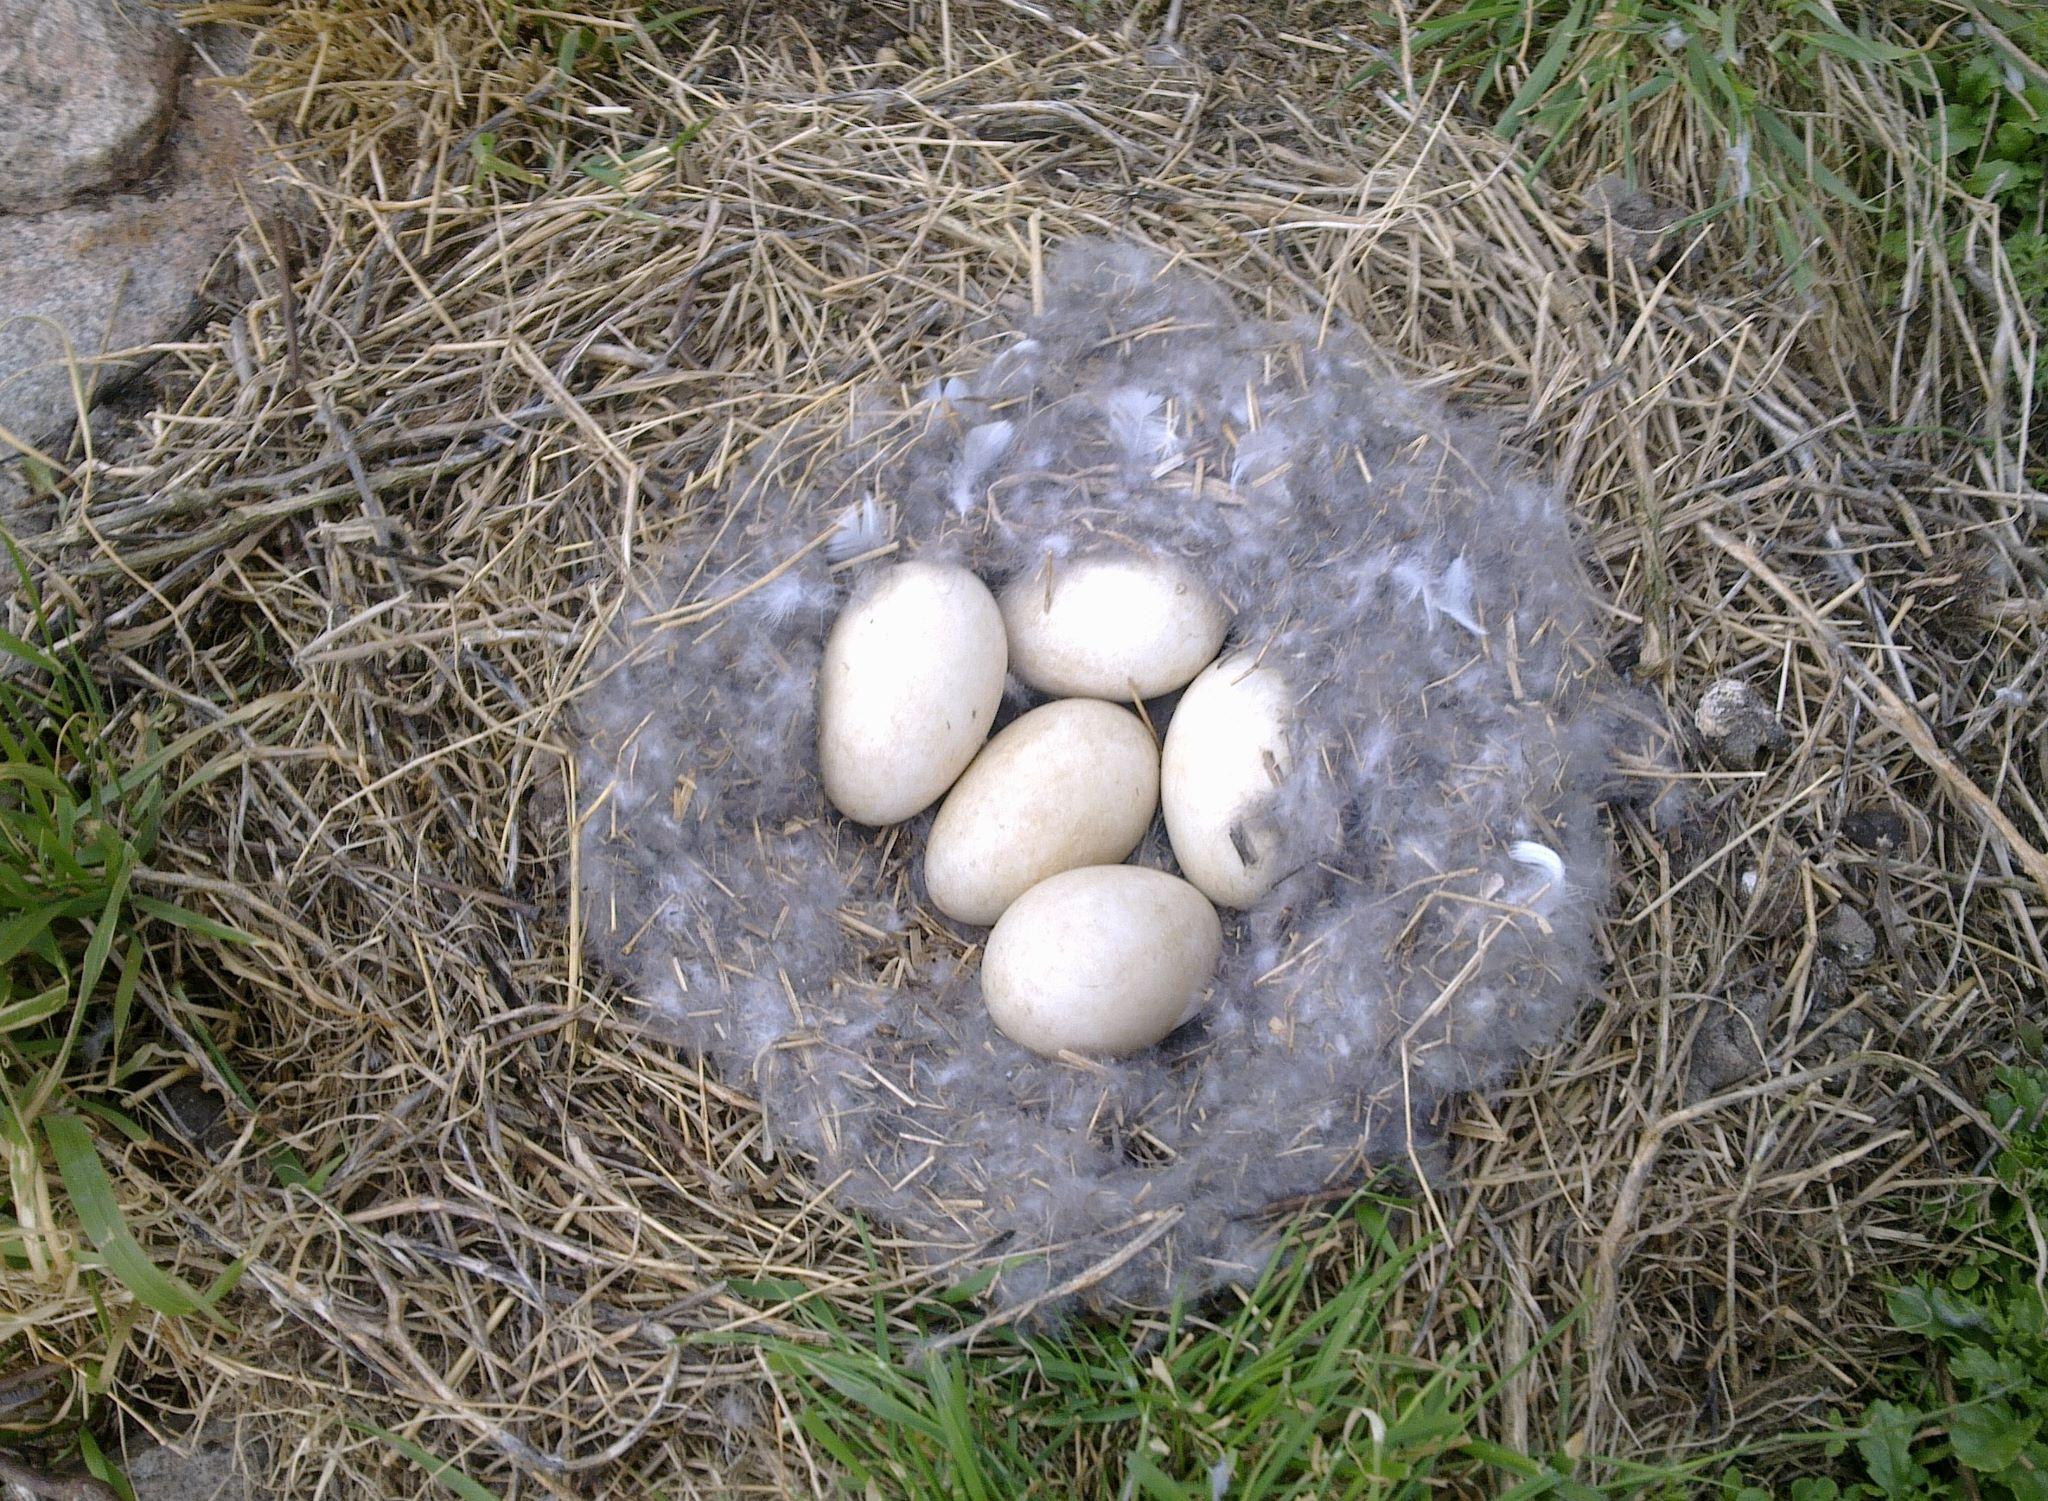 Påsken är en tid av ägg, ägg och åter ägg